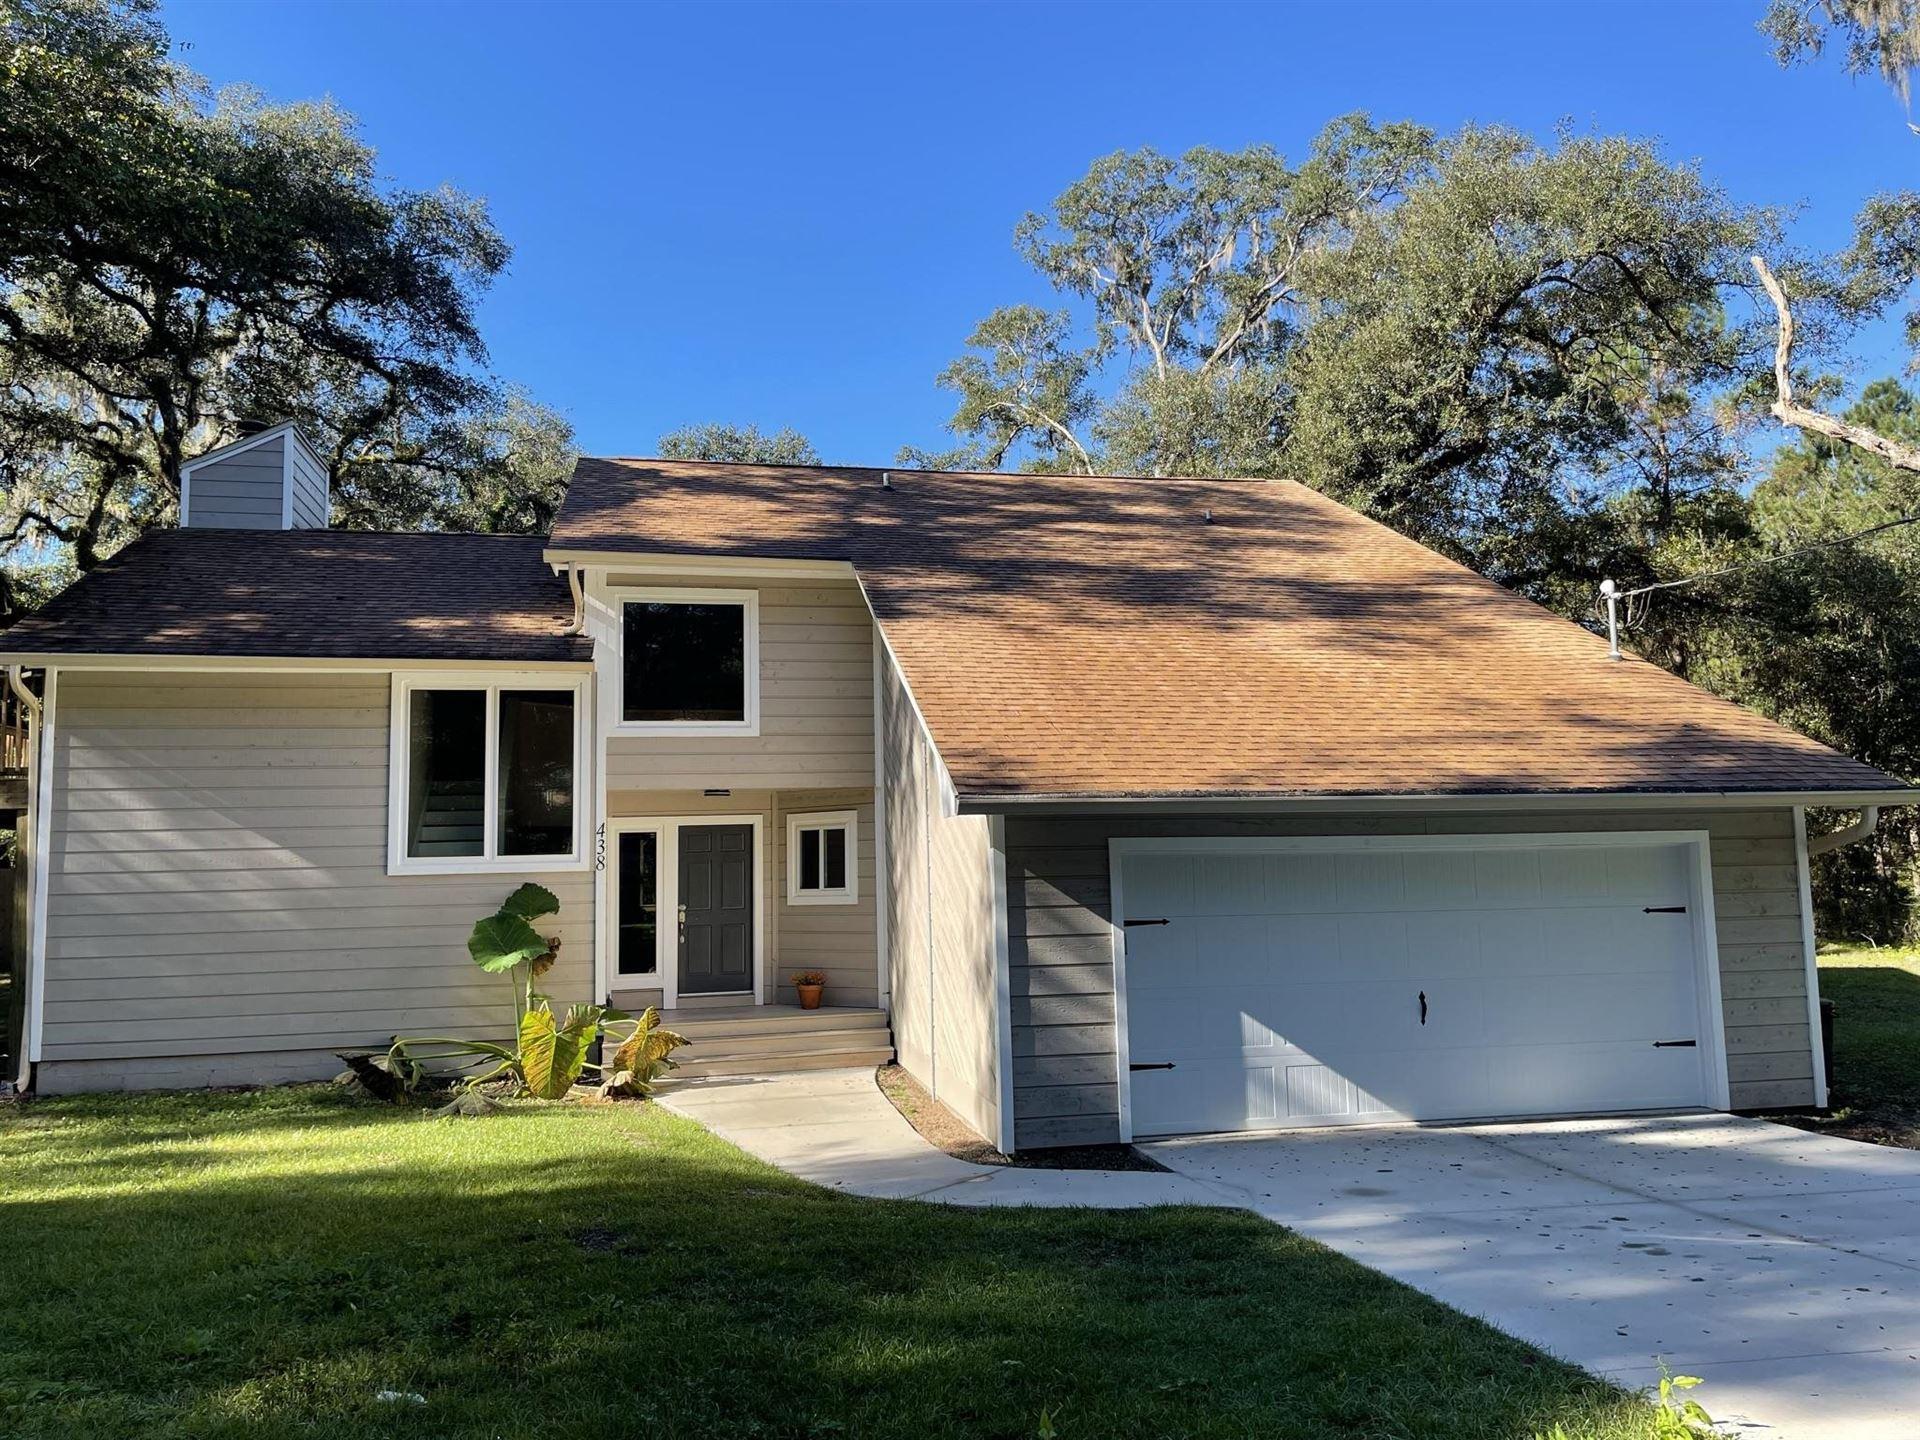 438 Groveland Hills Drive, Tallahassee, FL 32317 - MLS#: 338779